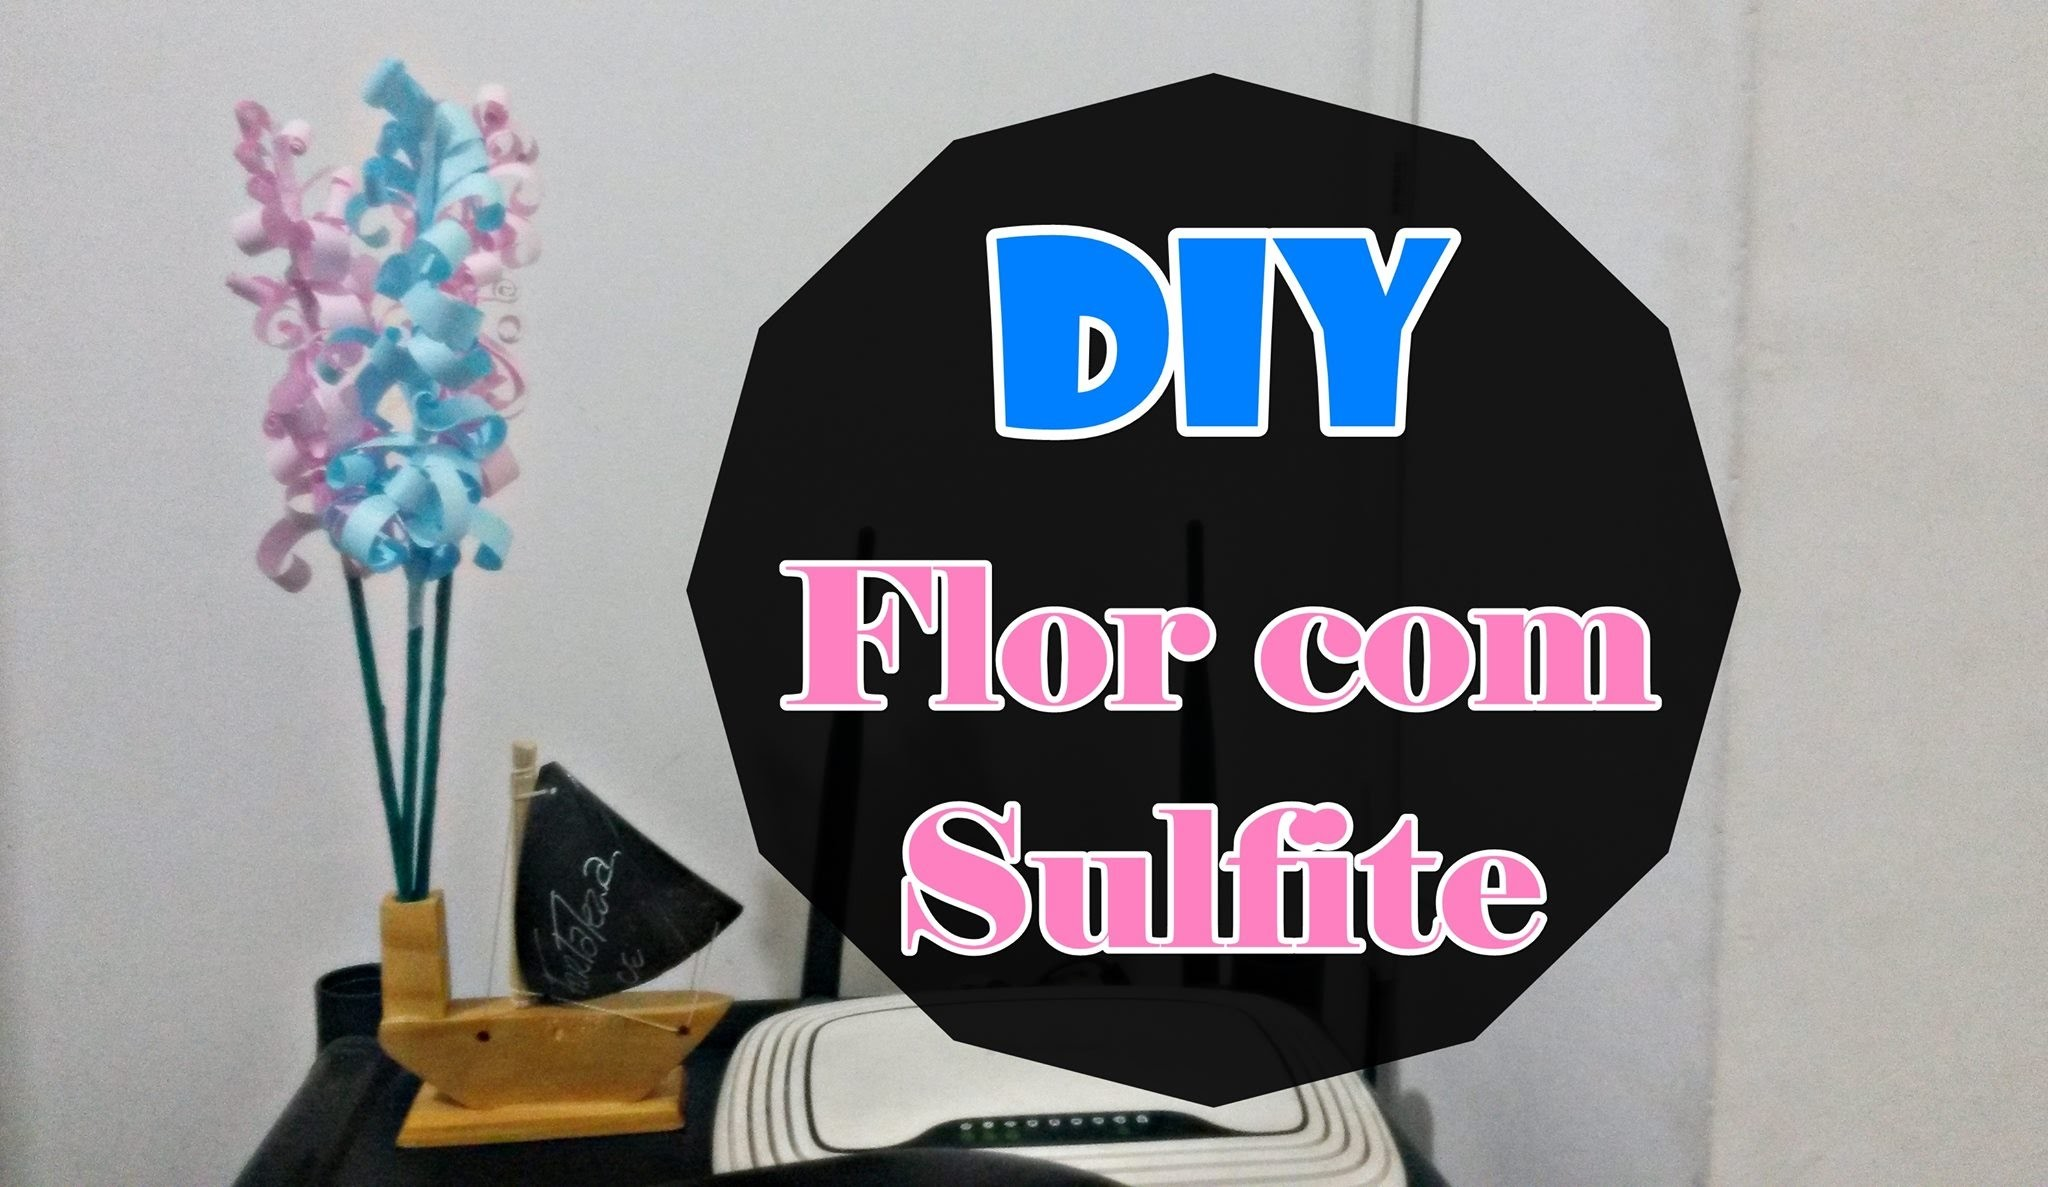 DIY - Flor com Sulfite | #8DiasComAJuu08